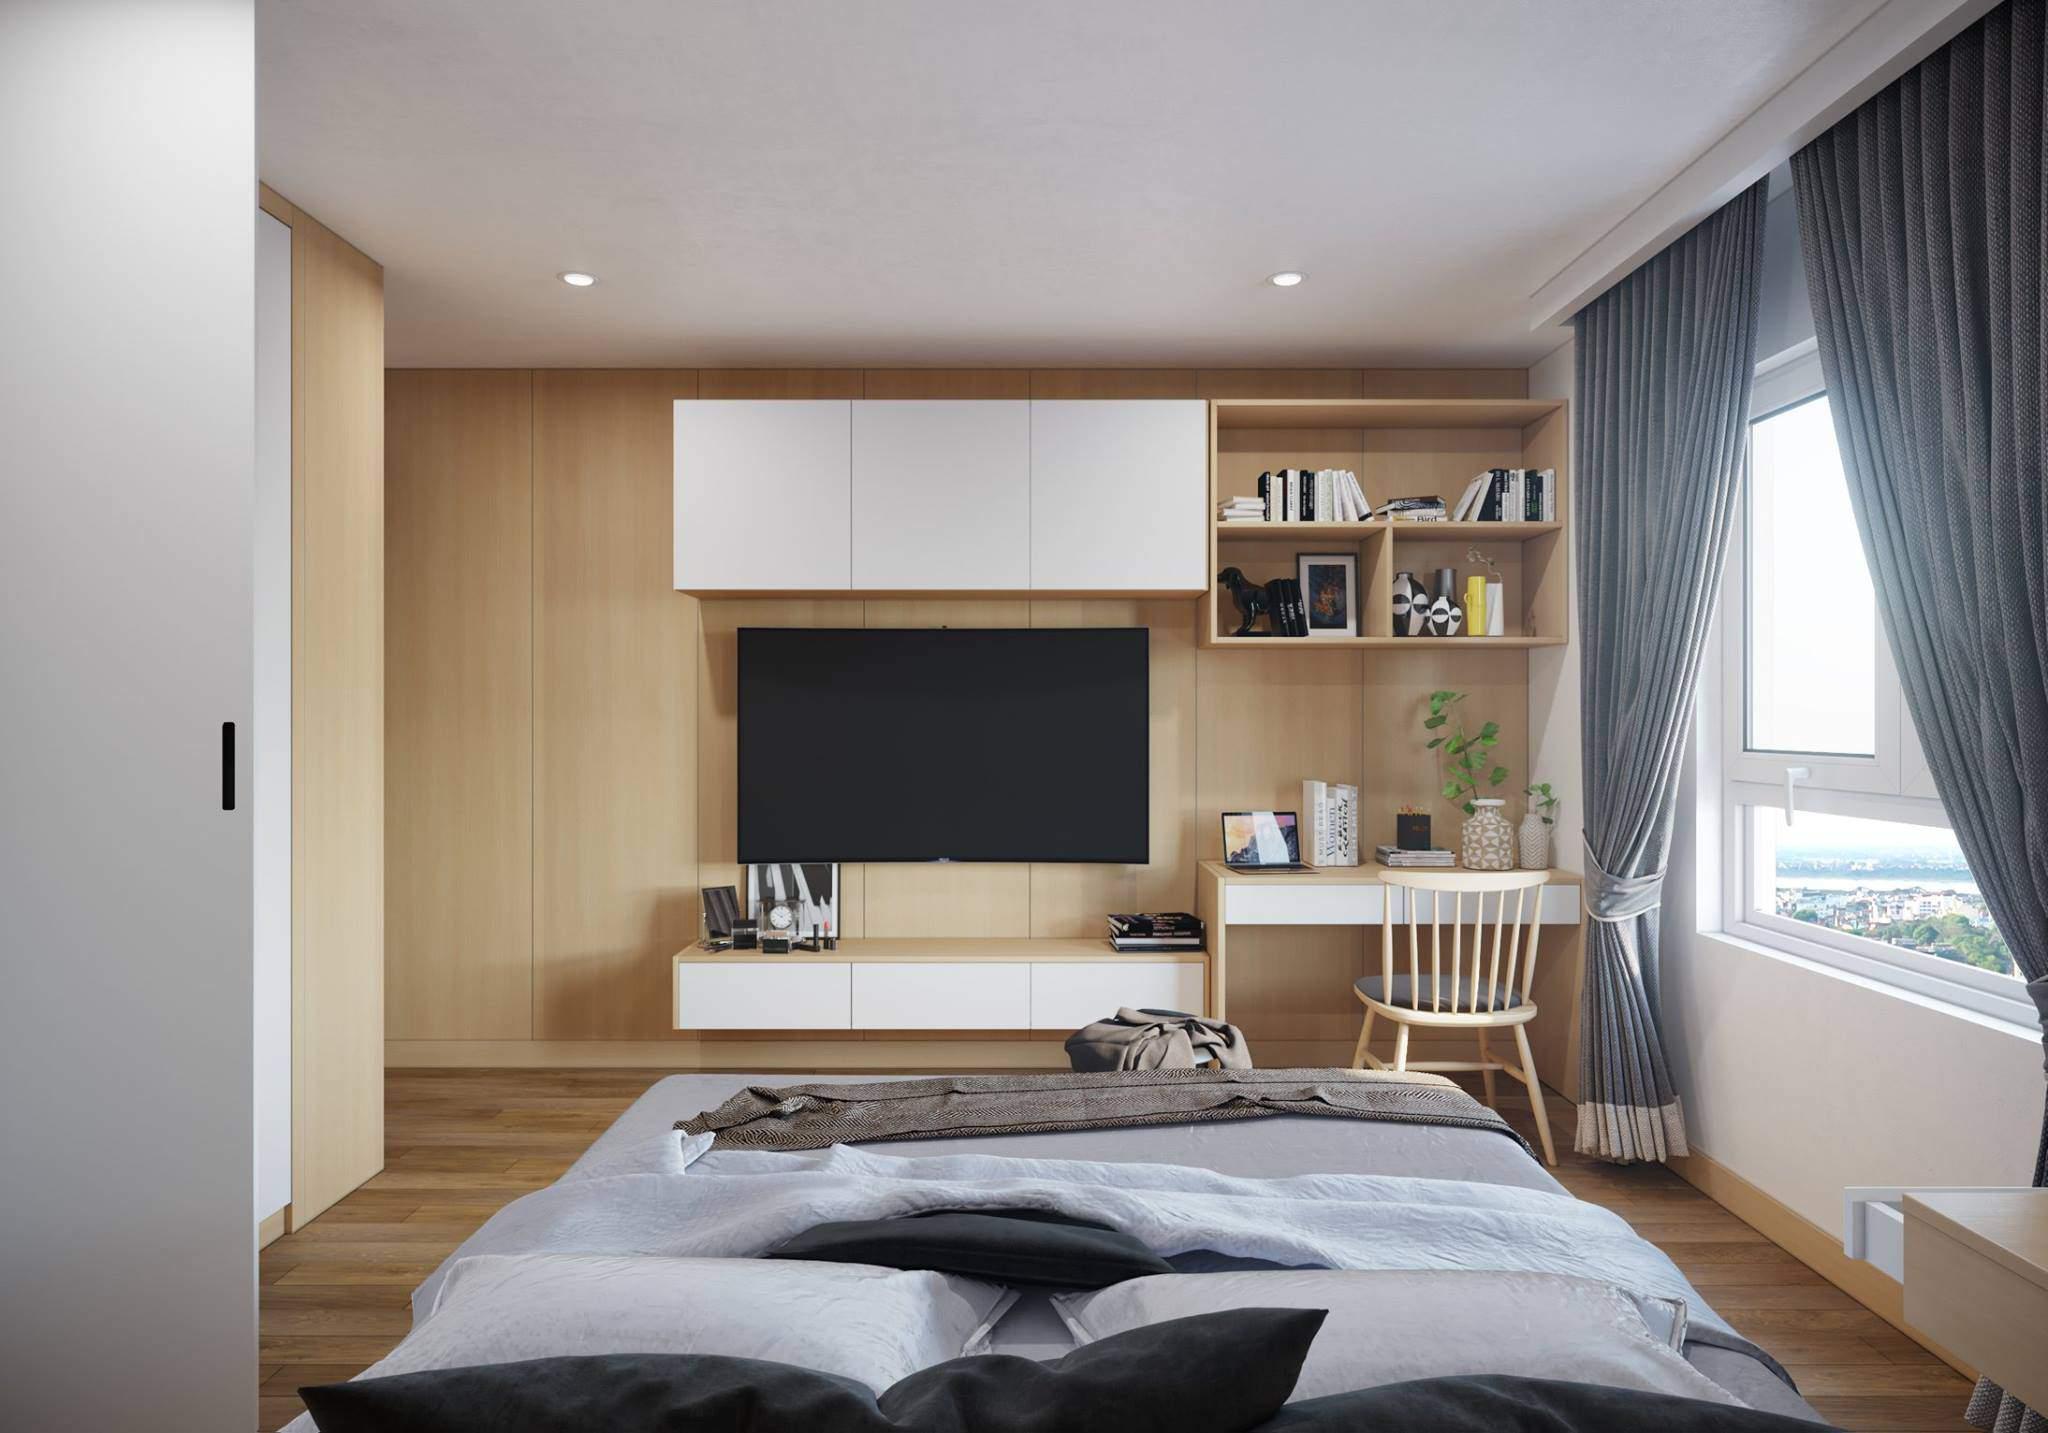 Thiết kế phòng ngủ theo hướng hợp với người mệnh kim